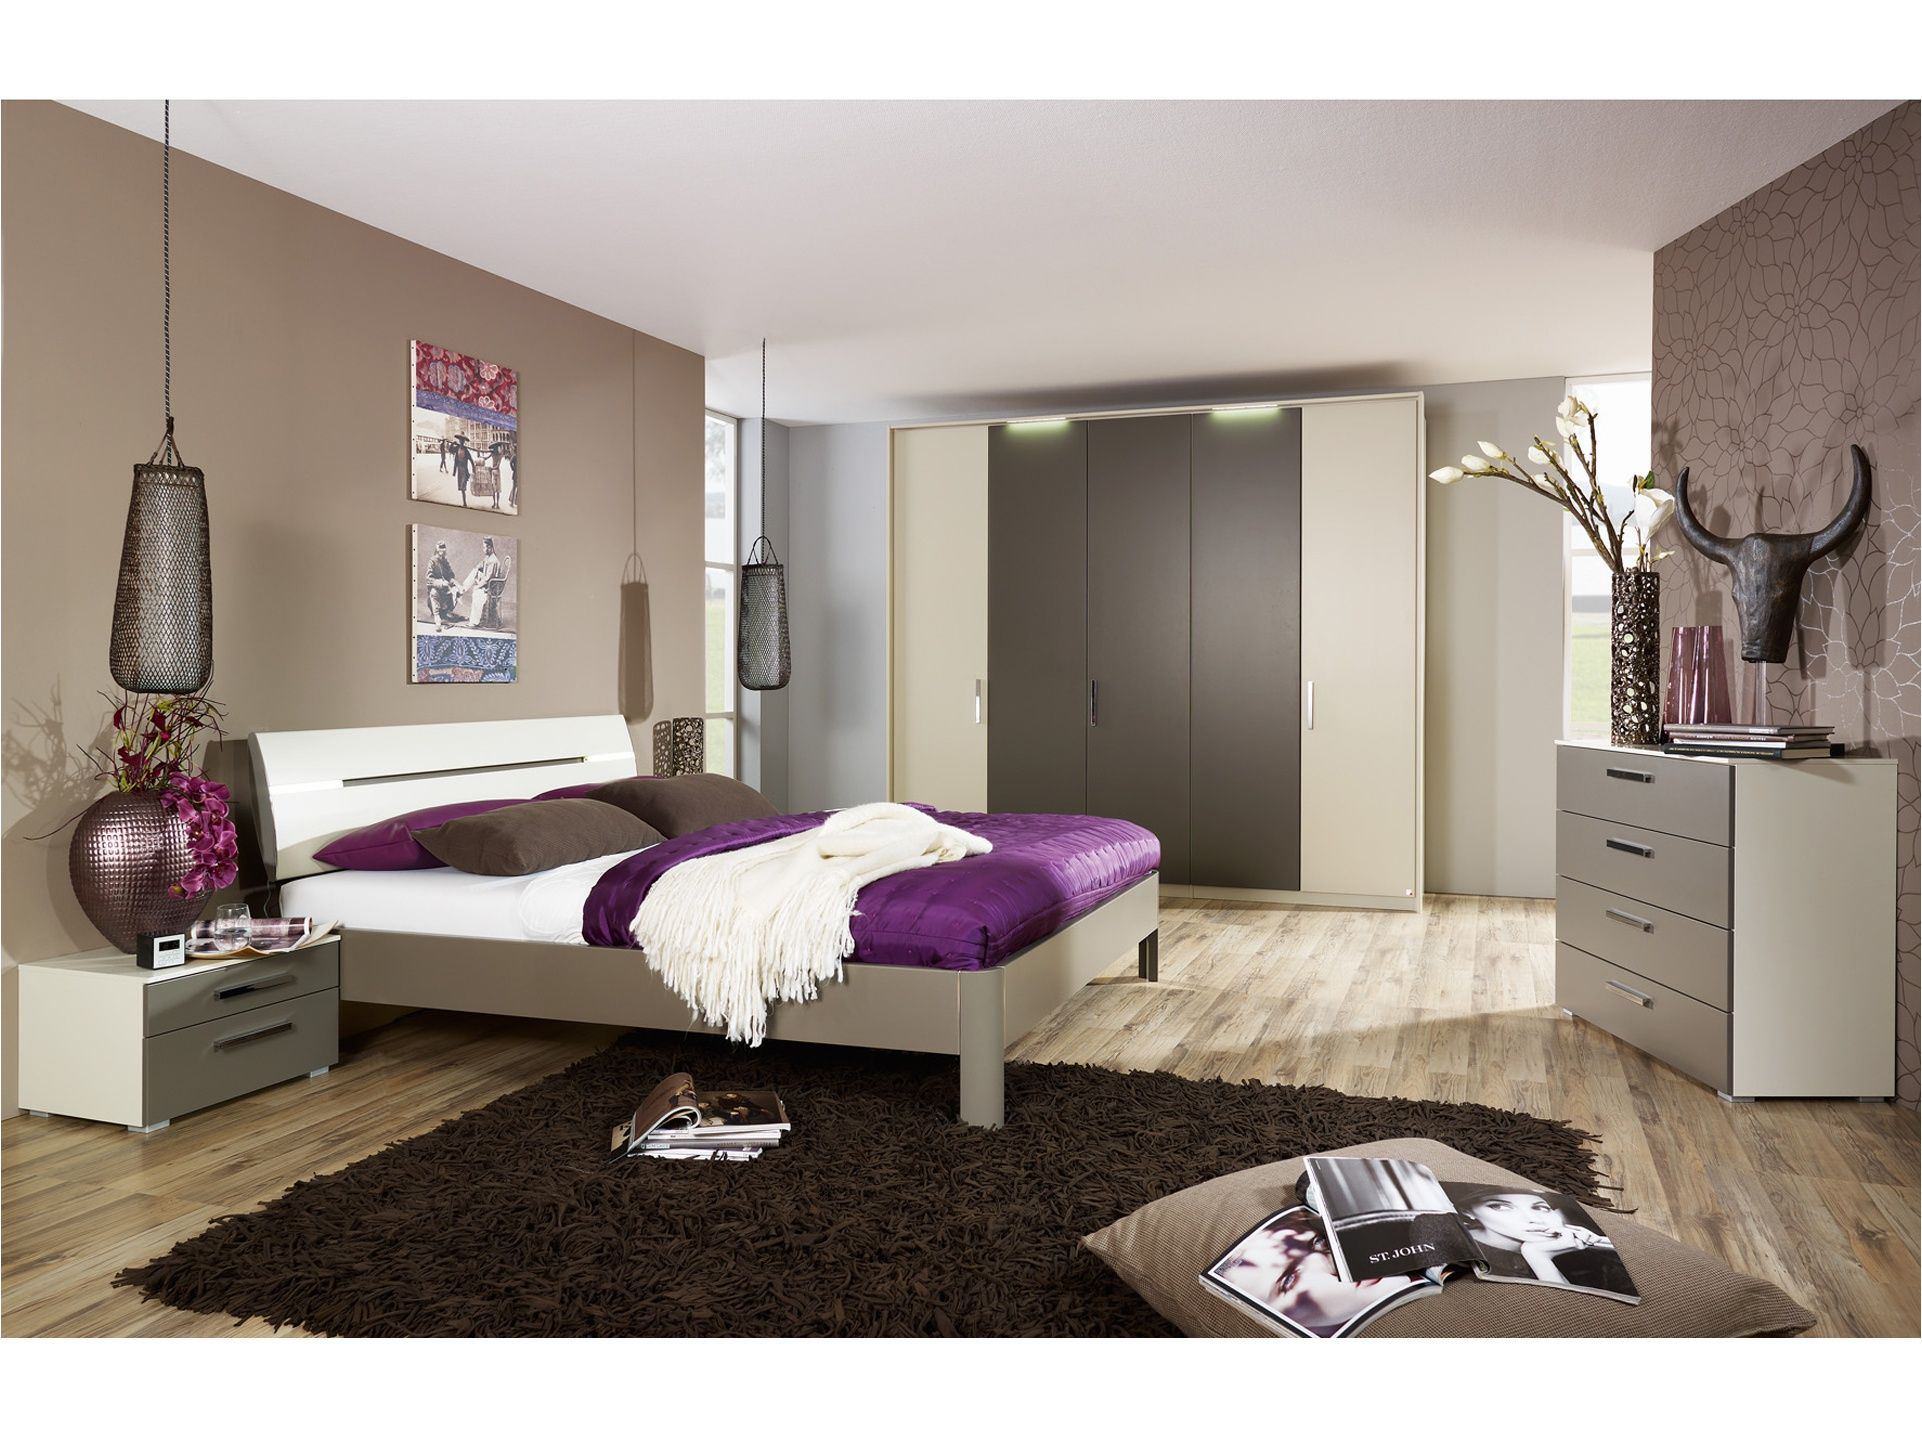 Peinture Pour Chambre Adulte Moderne - Novocom.top